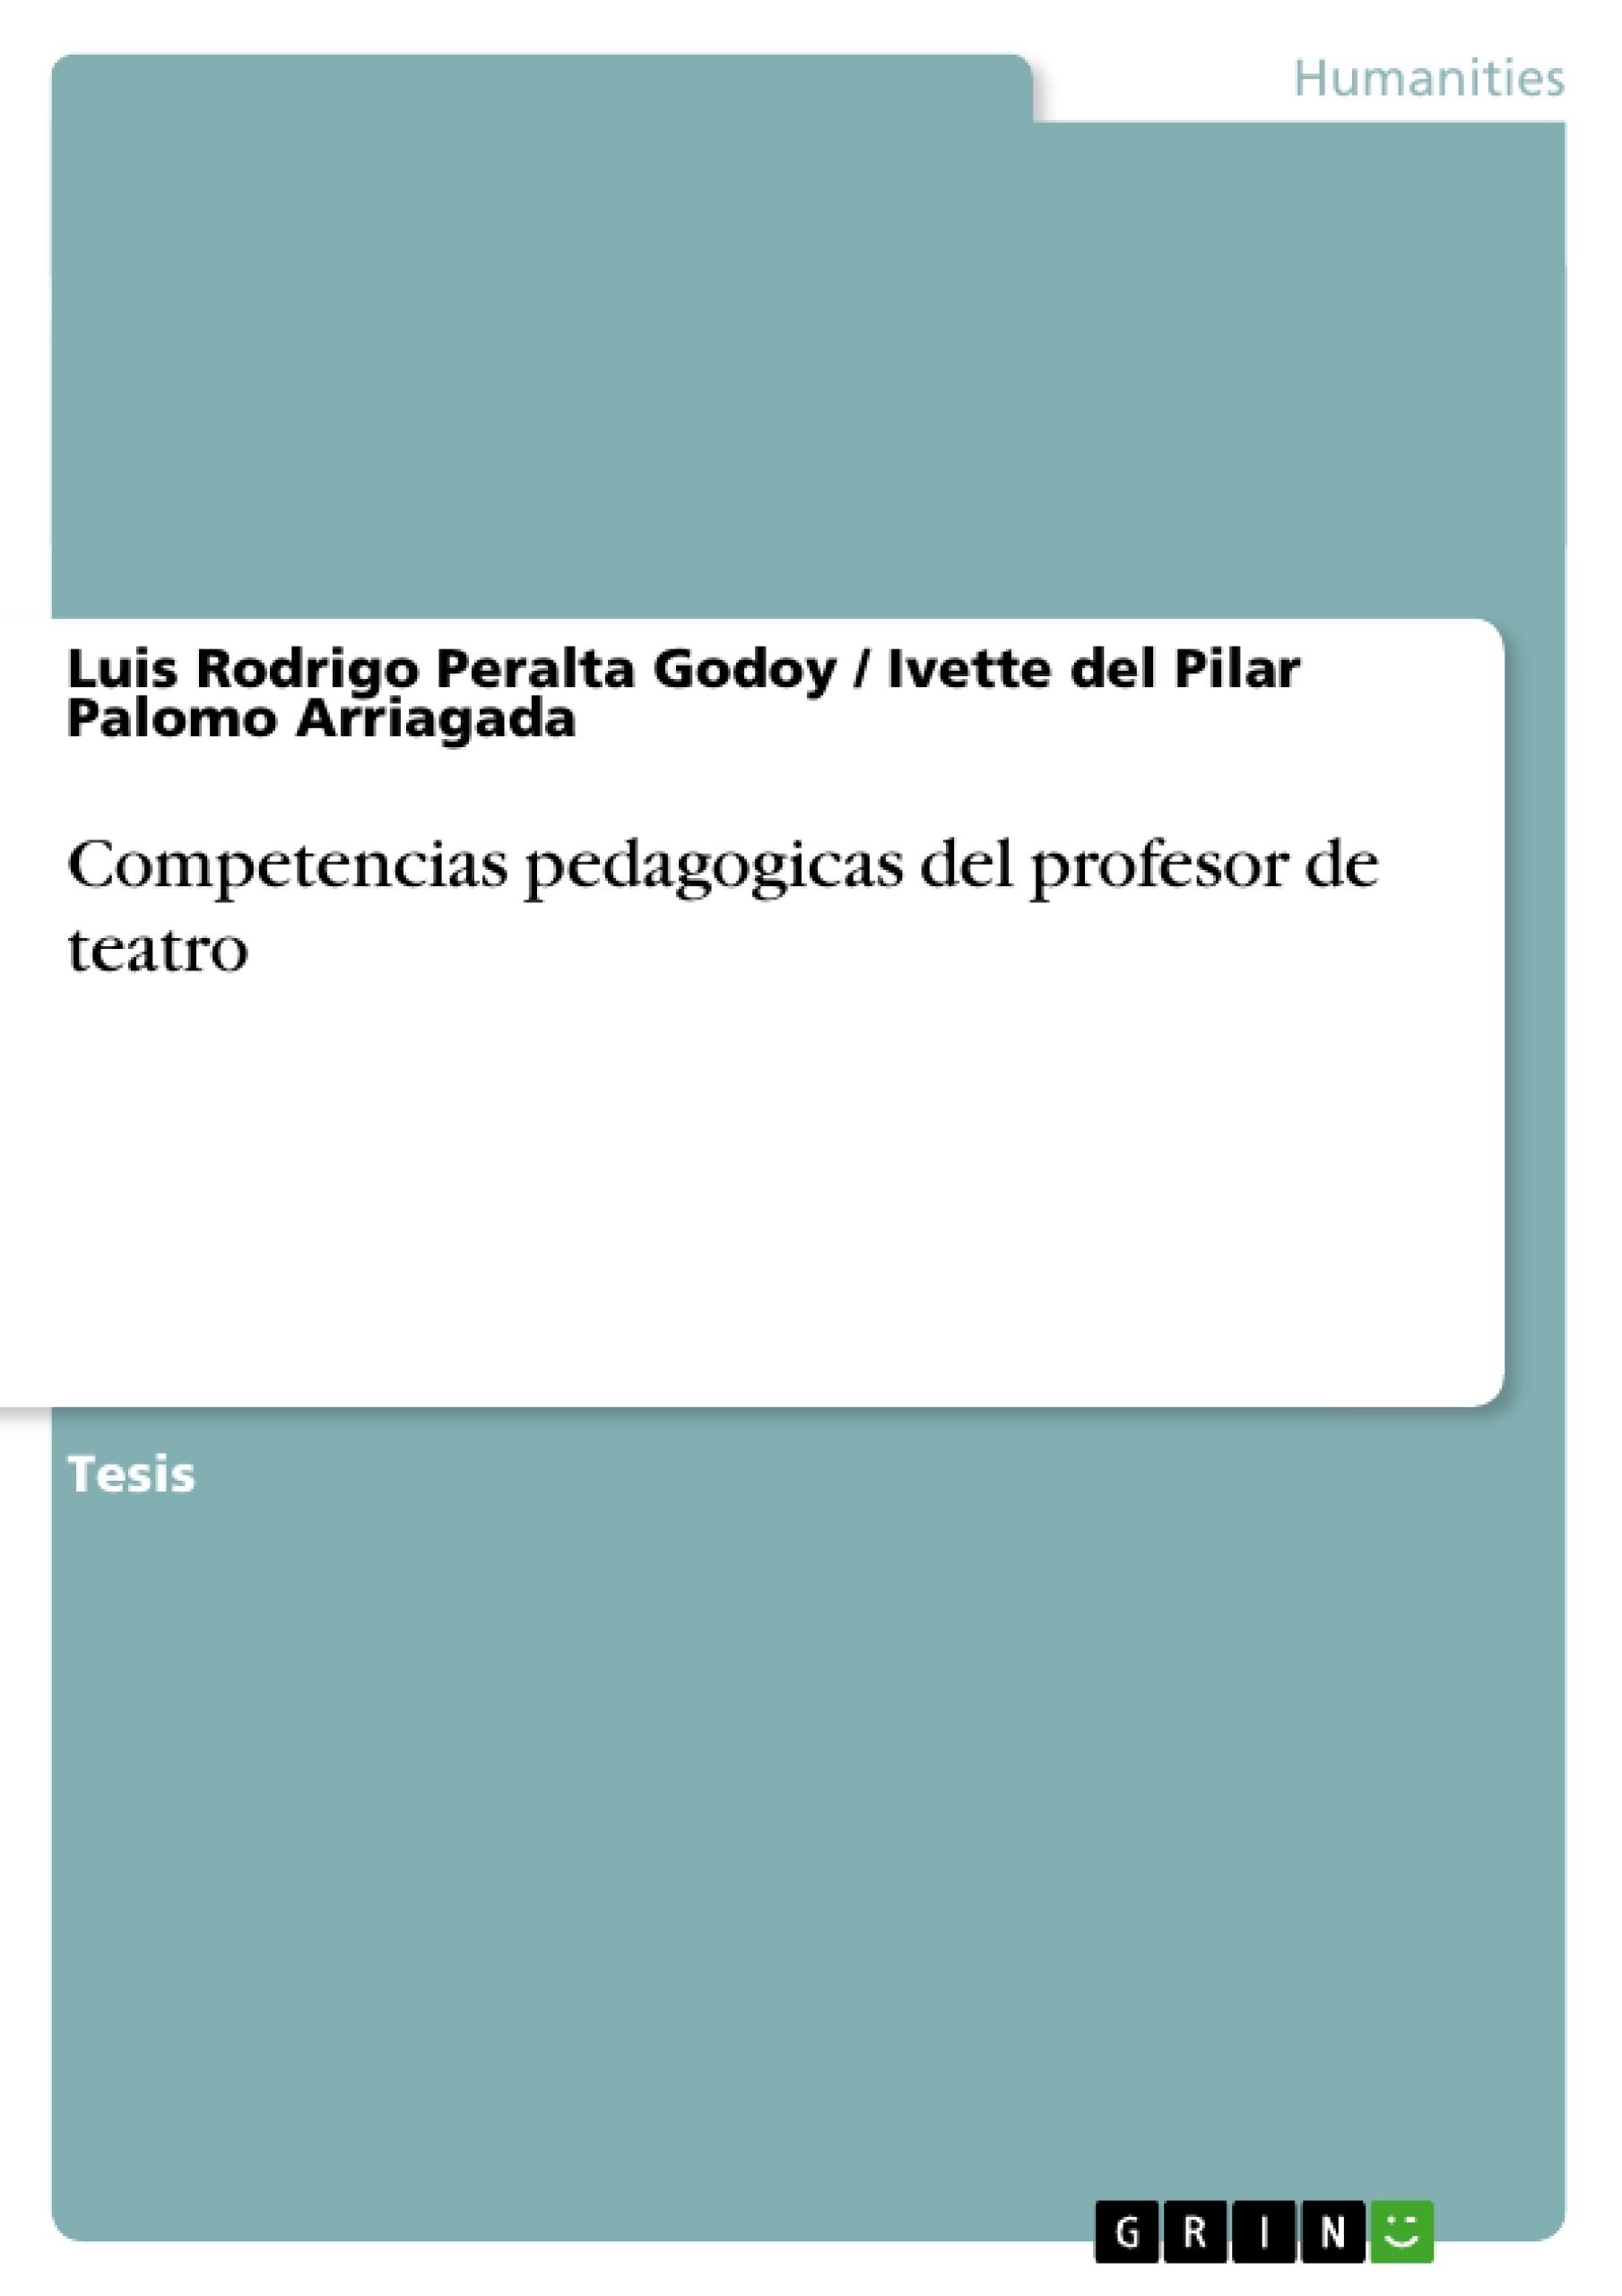 Título: Competencias pedagogicas del profesor de teatro